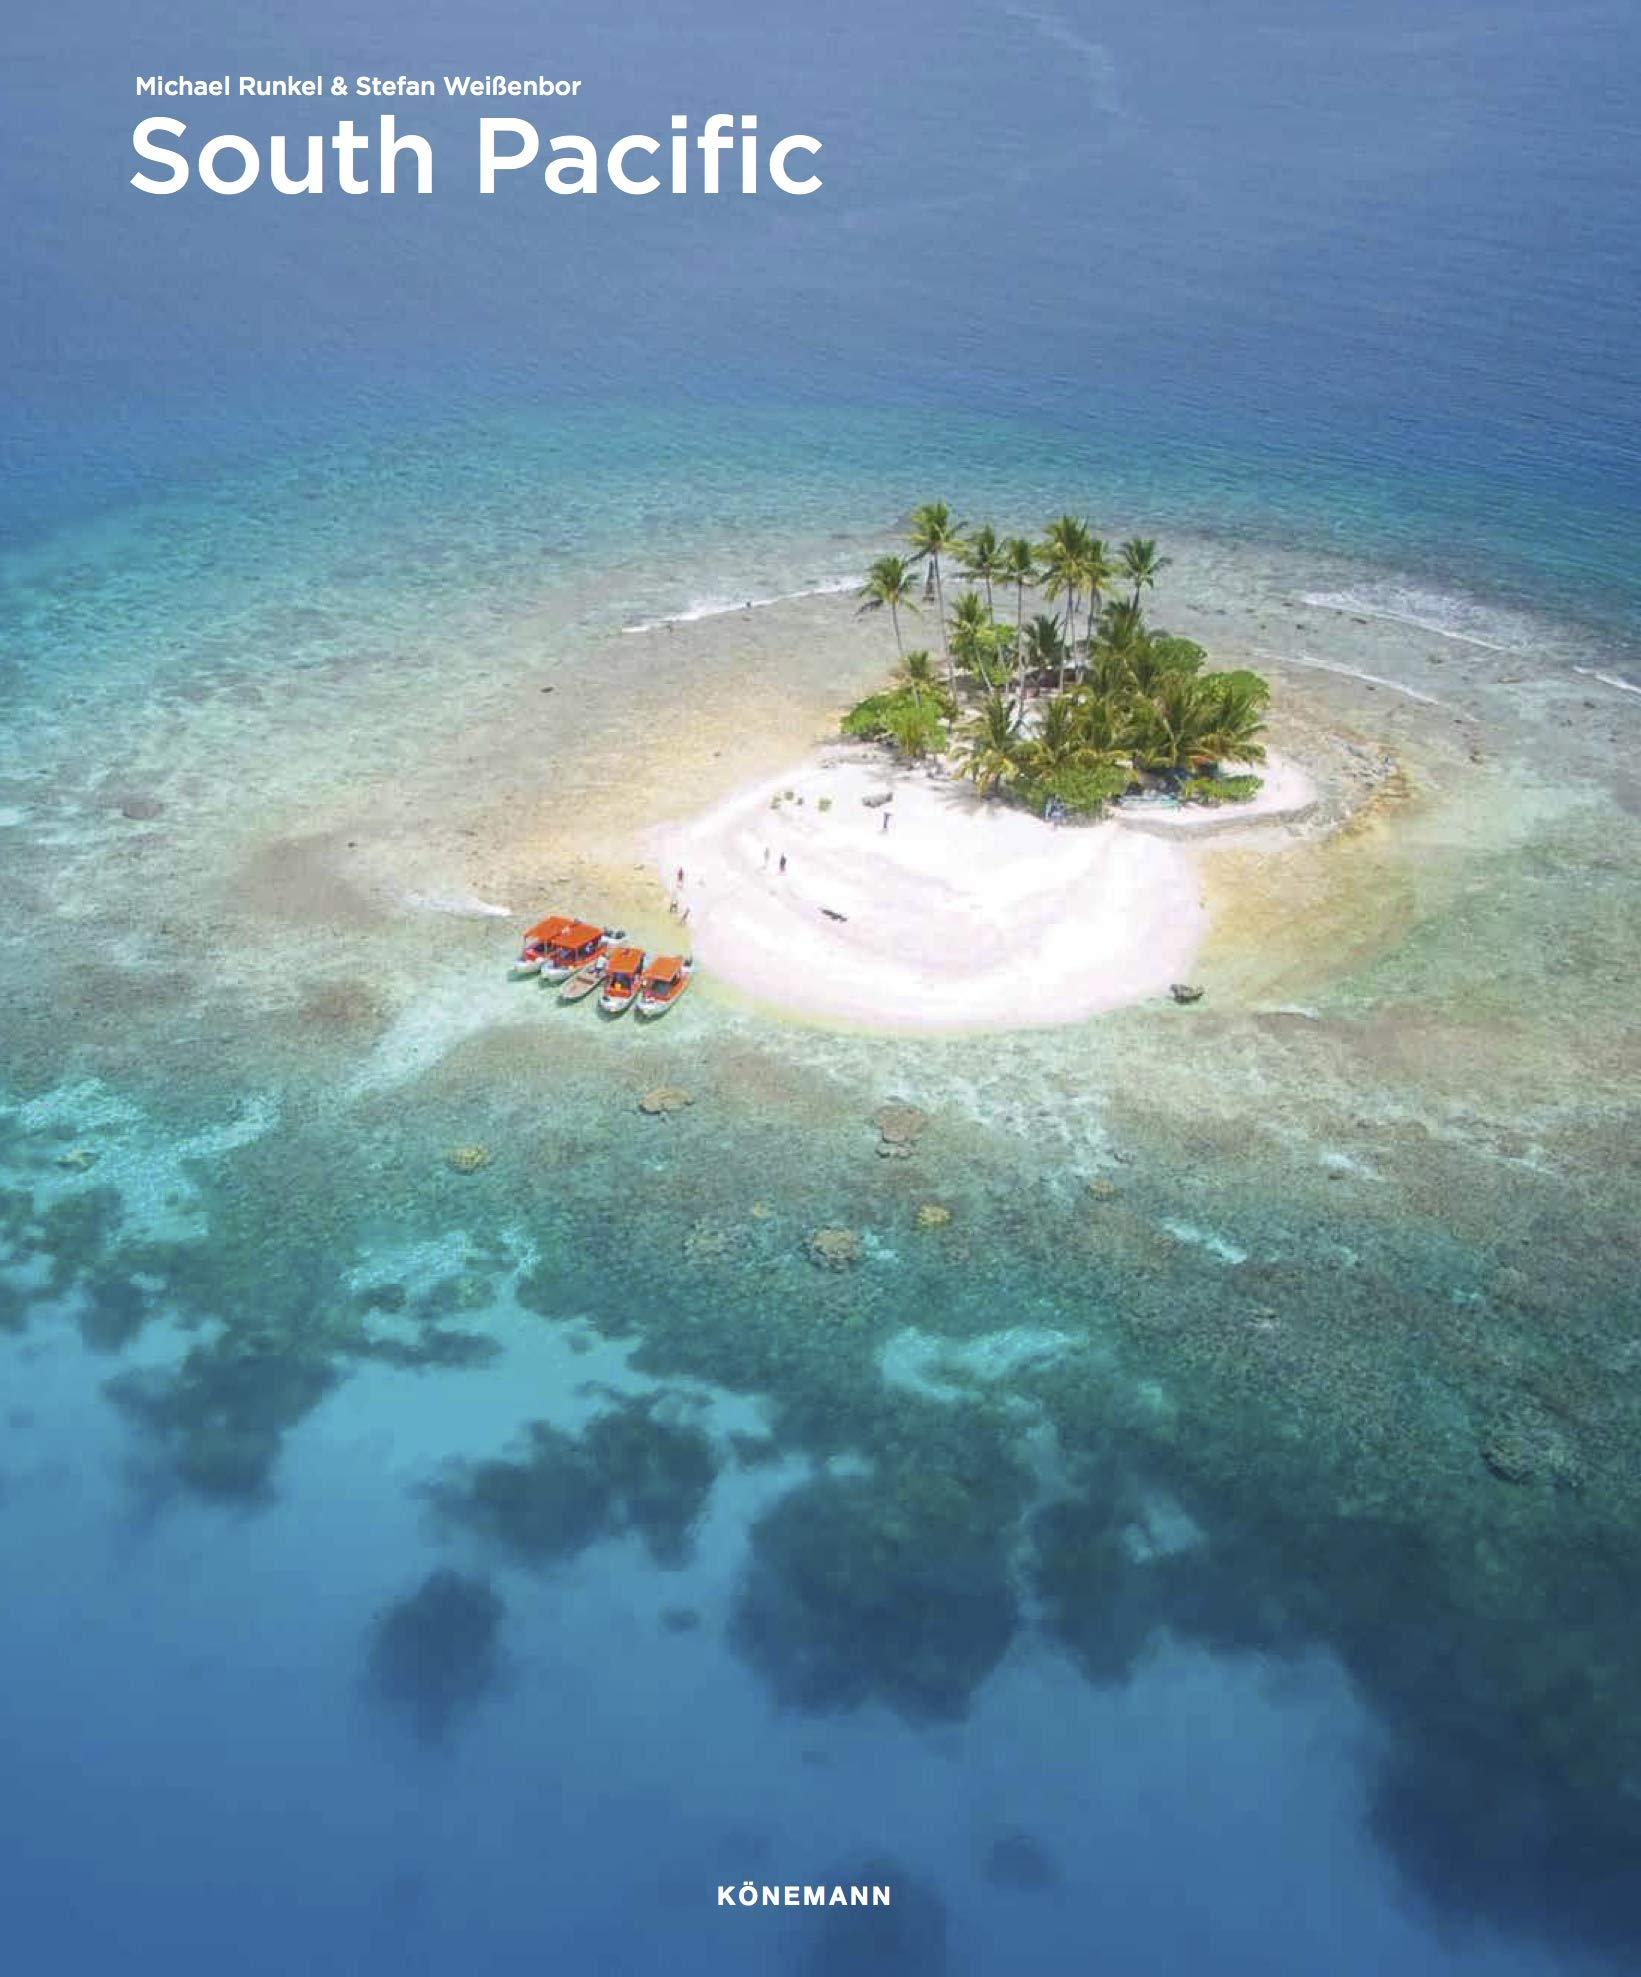 South Pacific | fotoboek 9783741925290  Könemann serie compact  Fotoboeken Pacifische Oceaan (Pacific)